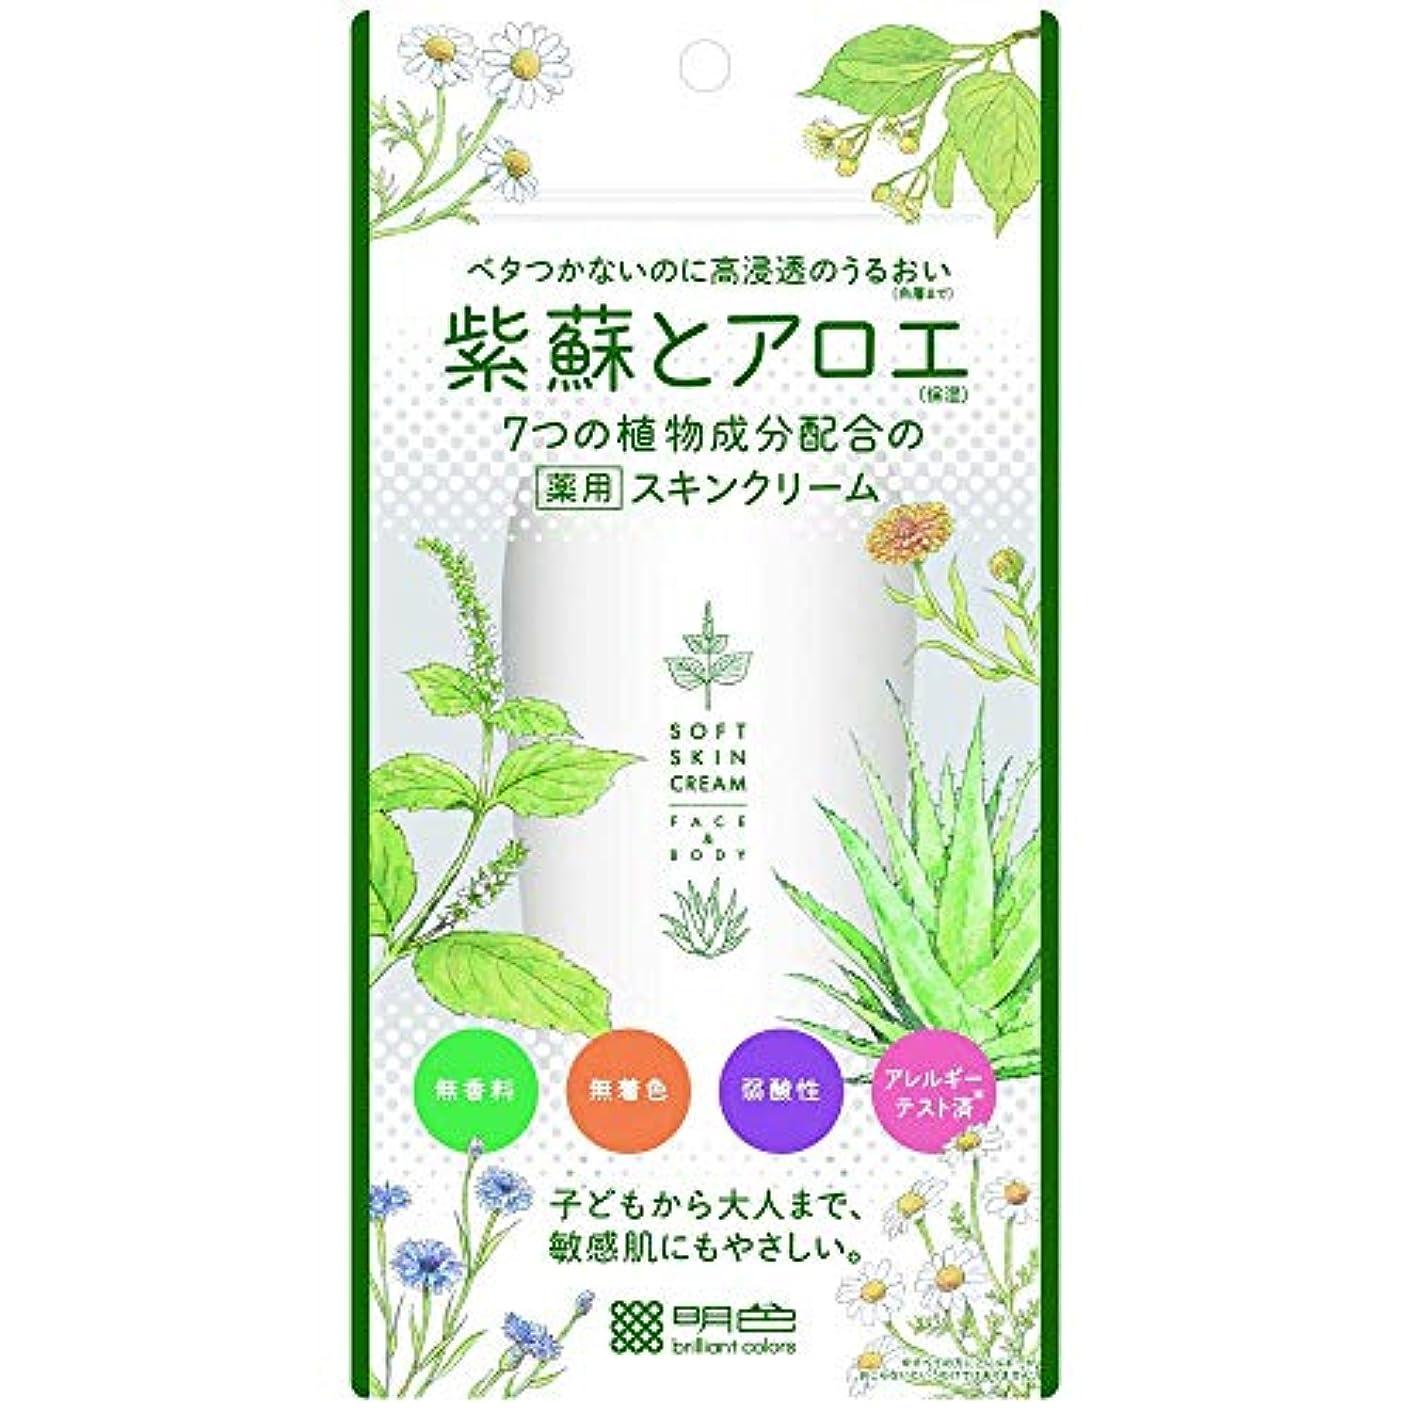 父方の保険ハンバーガー【7個セット】紫蘇とアロエ 薬用スキンクリーム 190g